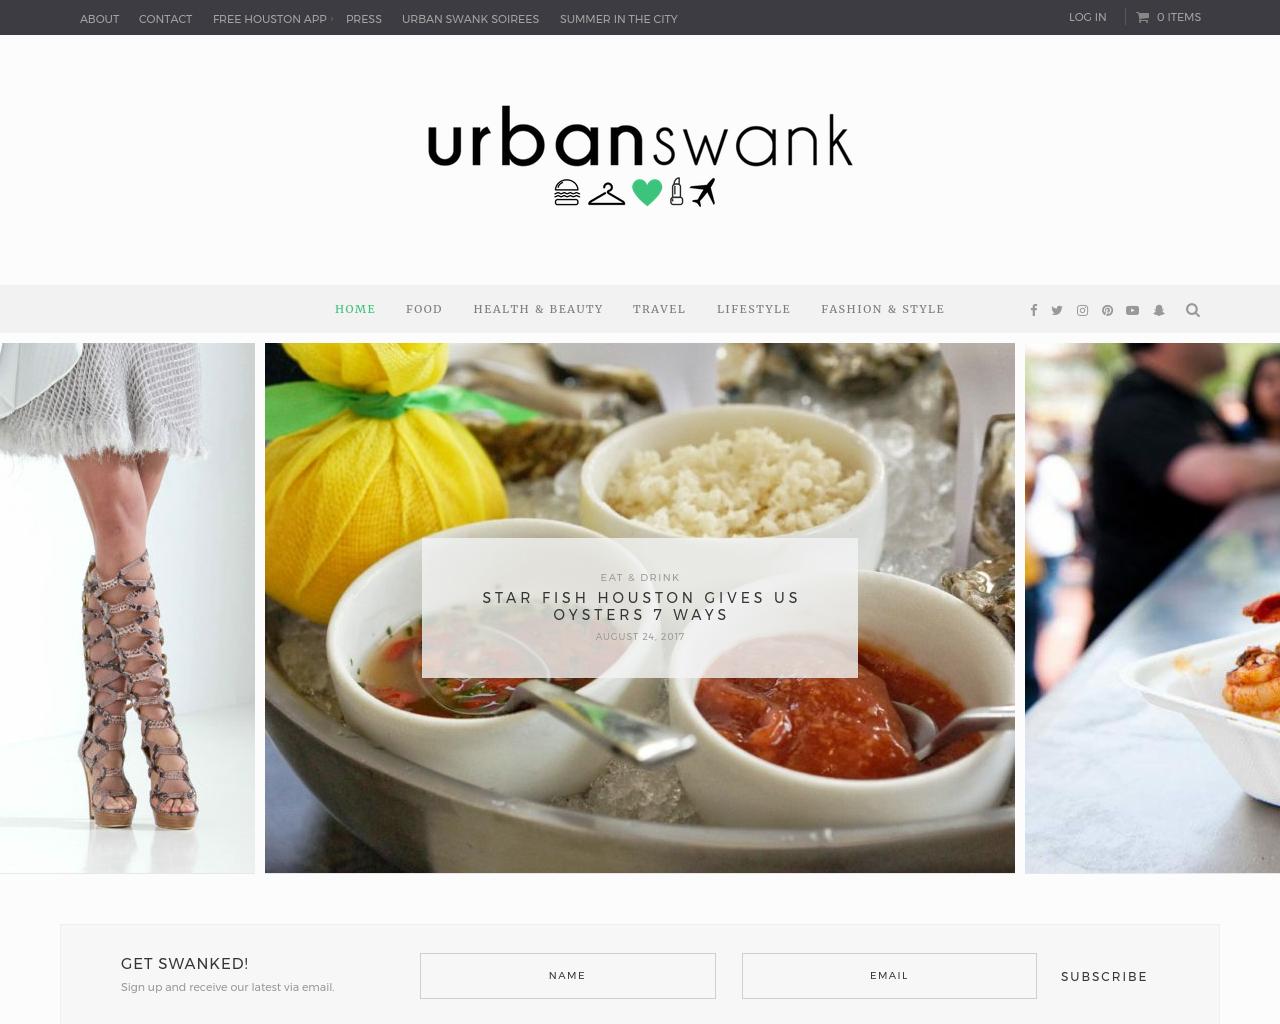 Urban-swank-Advertising-Reviews-Pricing